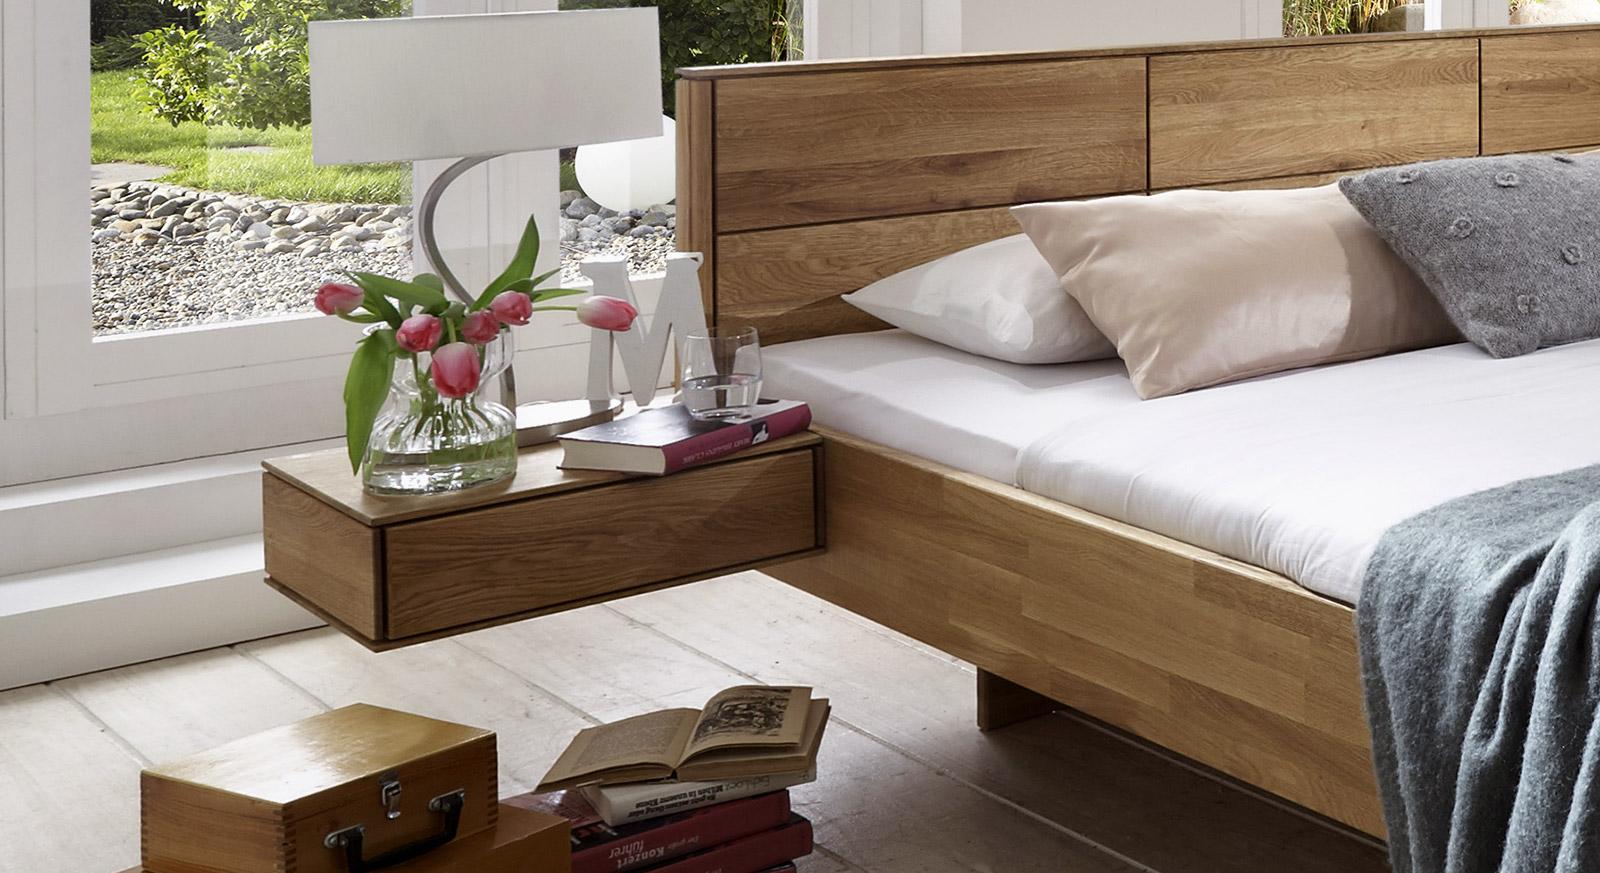 Bett Terrano aus massiver Wildeiche mit passendem Nachttisch